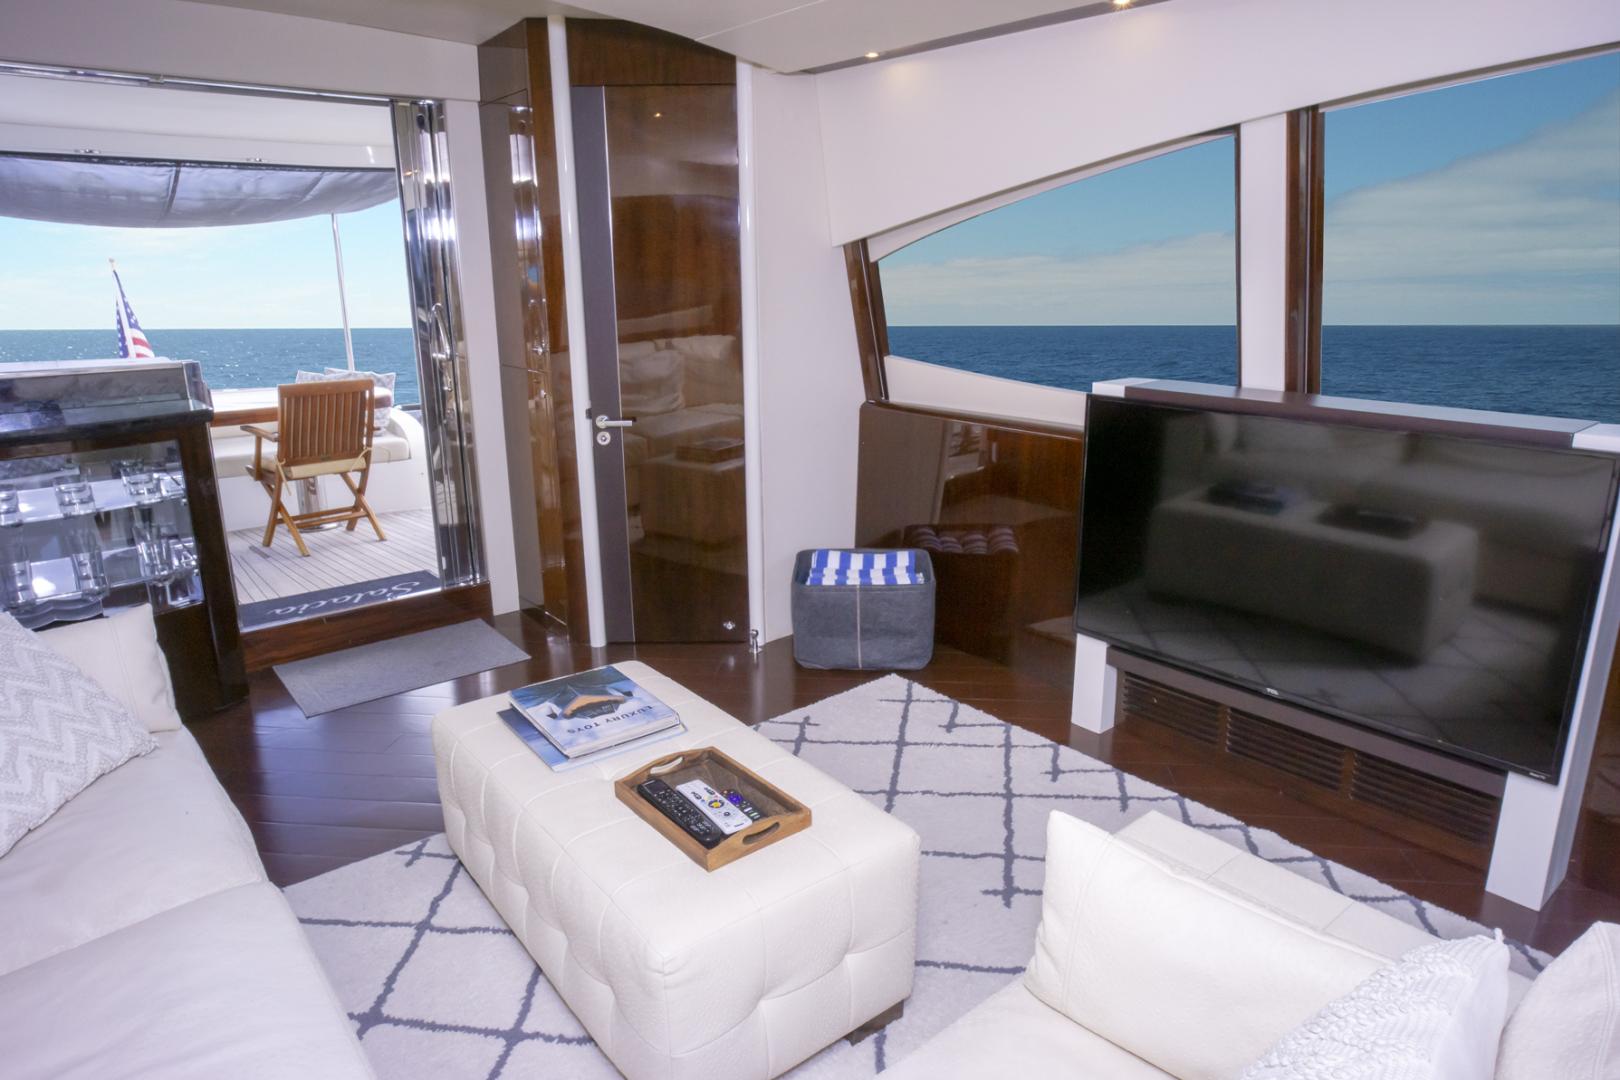 Lazzara-LSX 2007-Salacia Miami Beach-Florida-United States-1578217 | Thumbnail